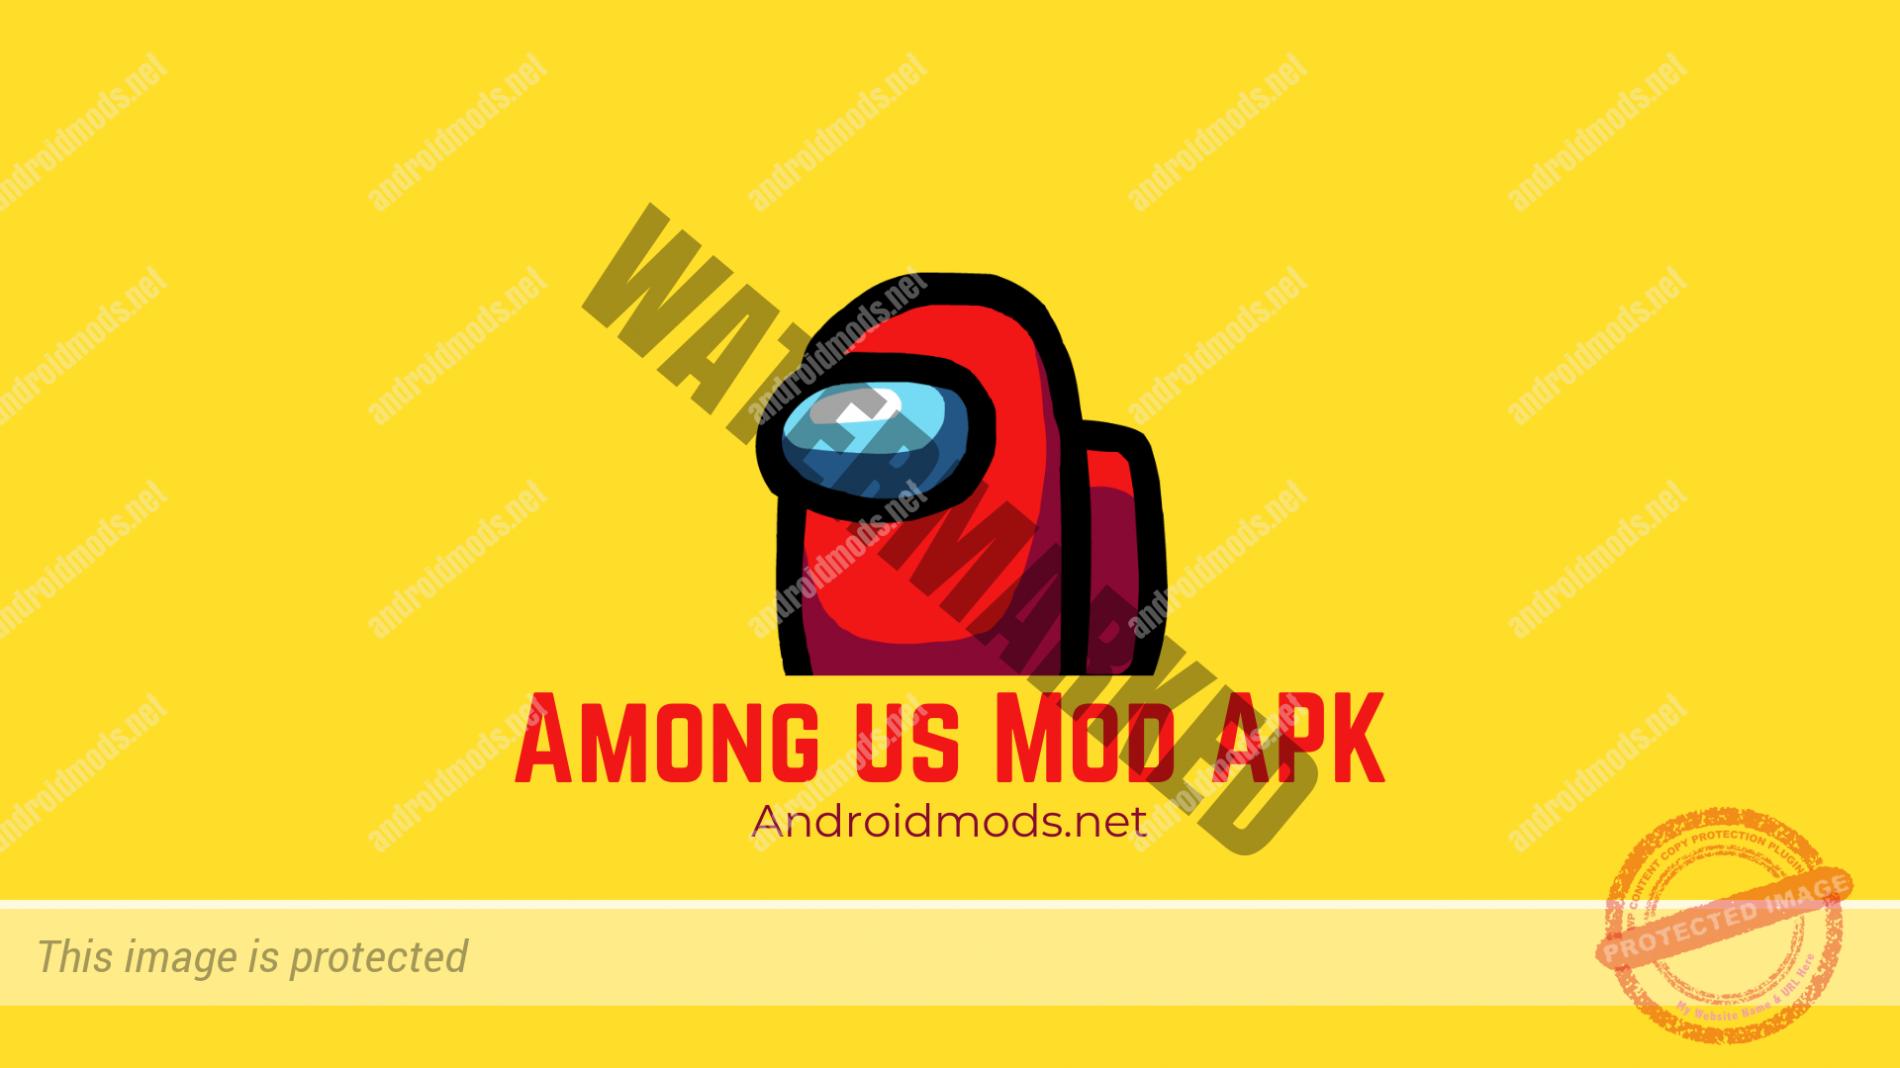 Among Us Mod Apk V2020 11 17 Mod Menu Always Imposter Androidmods